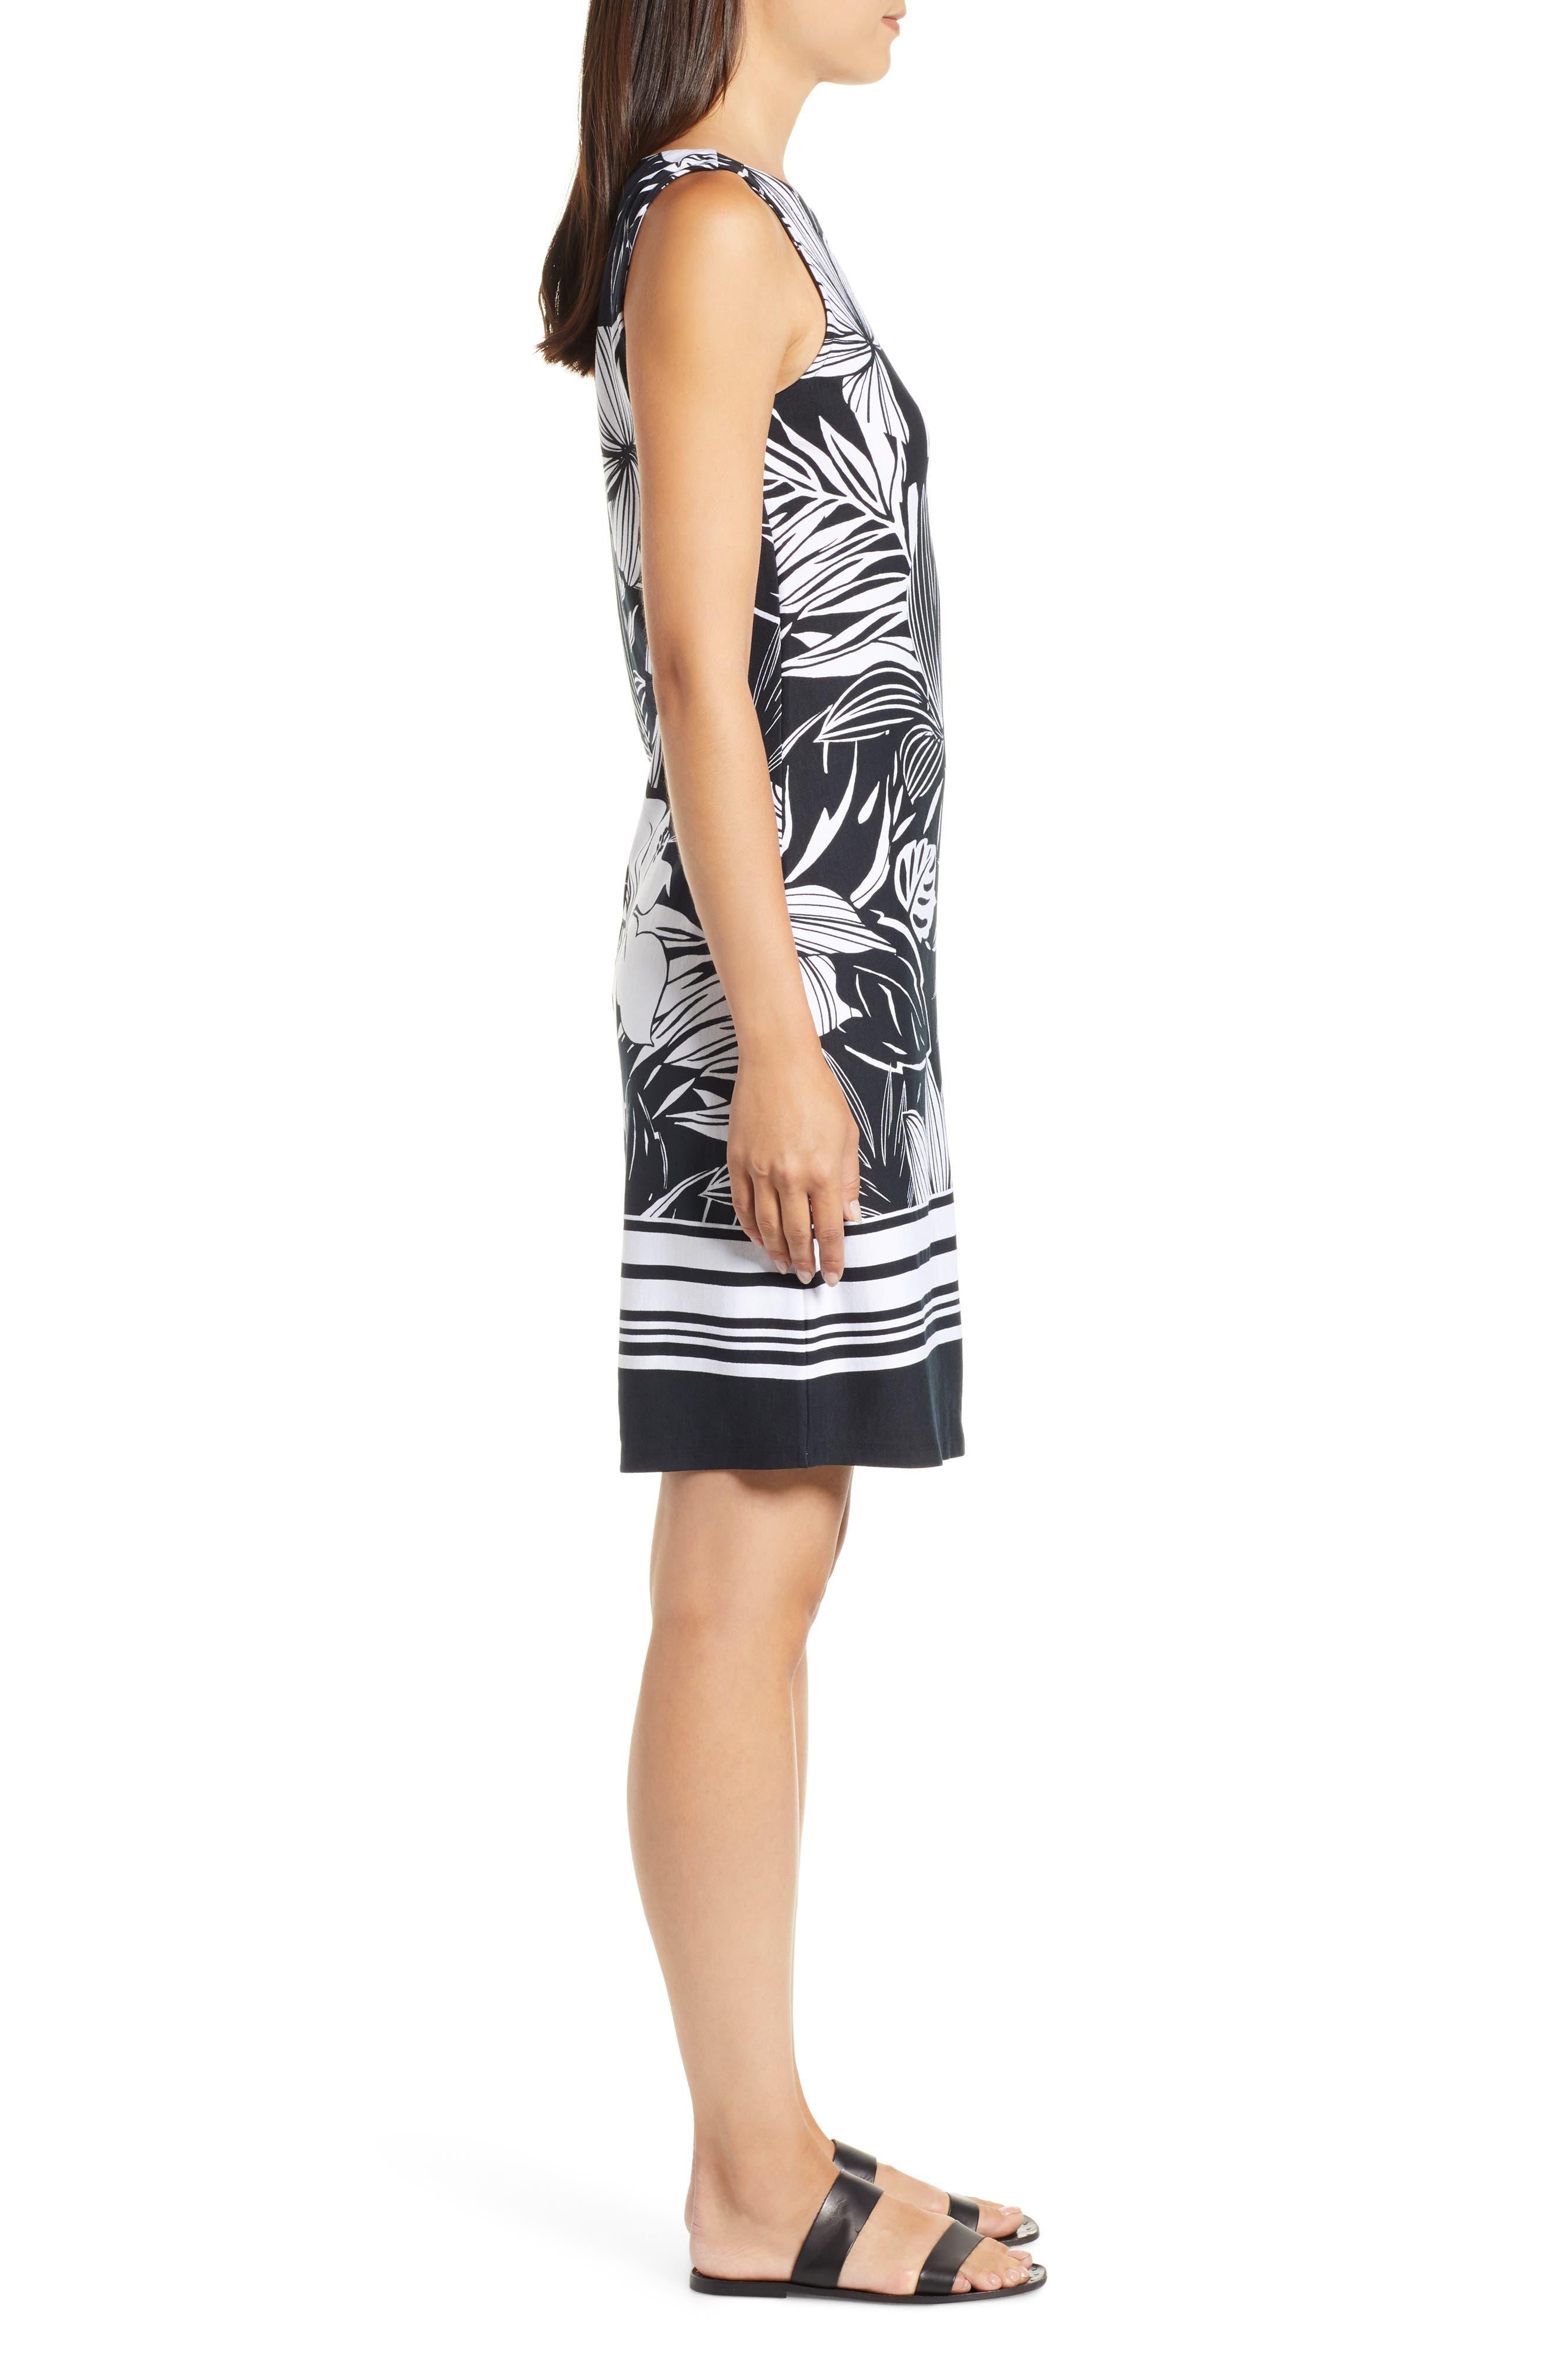 TOMMY BAHAMA,                             Mahana Beach Sheath Dress,                             Alternate thumbnail 3, color,                             BLACK